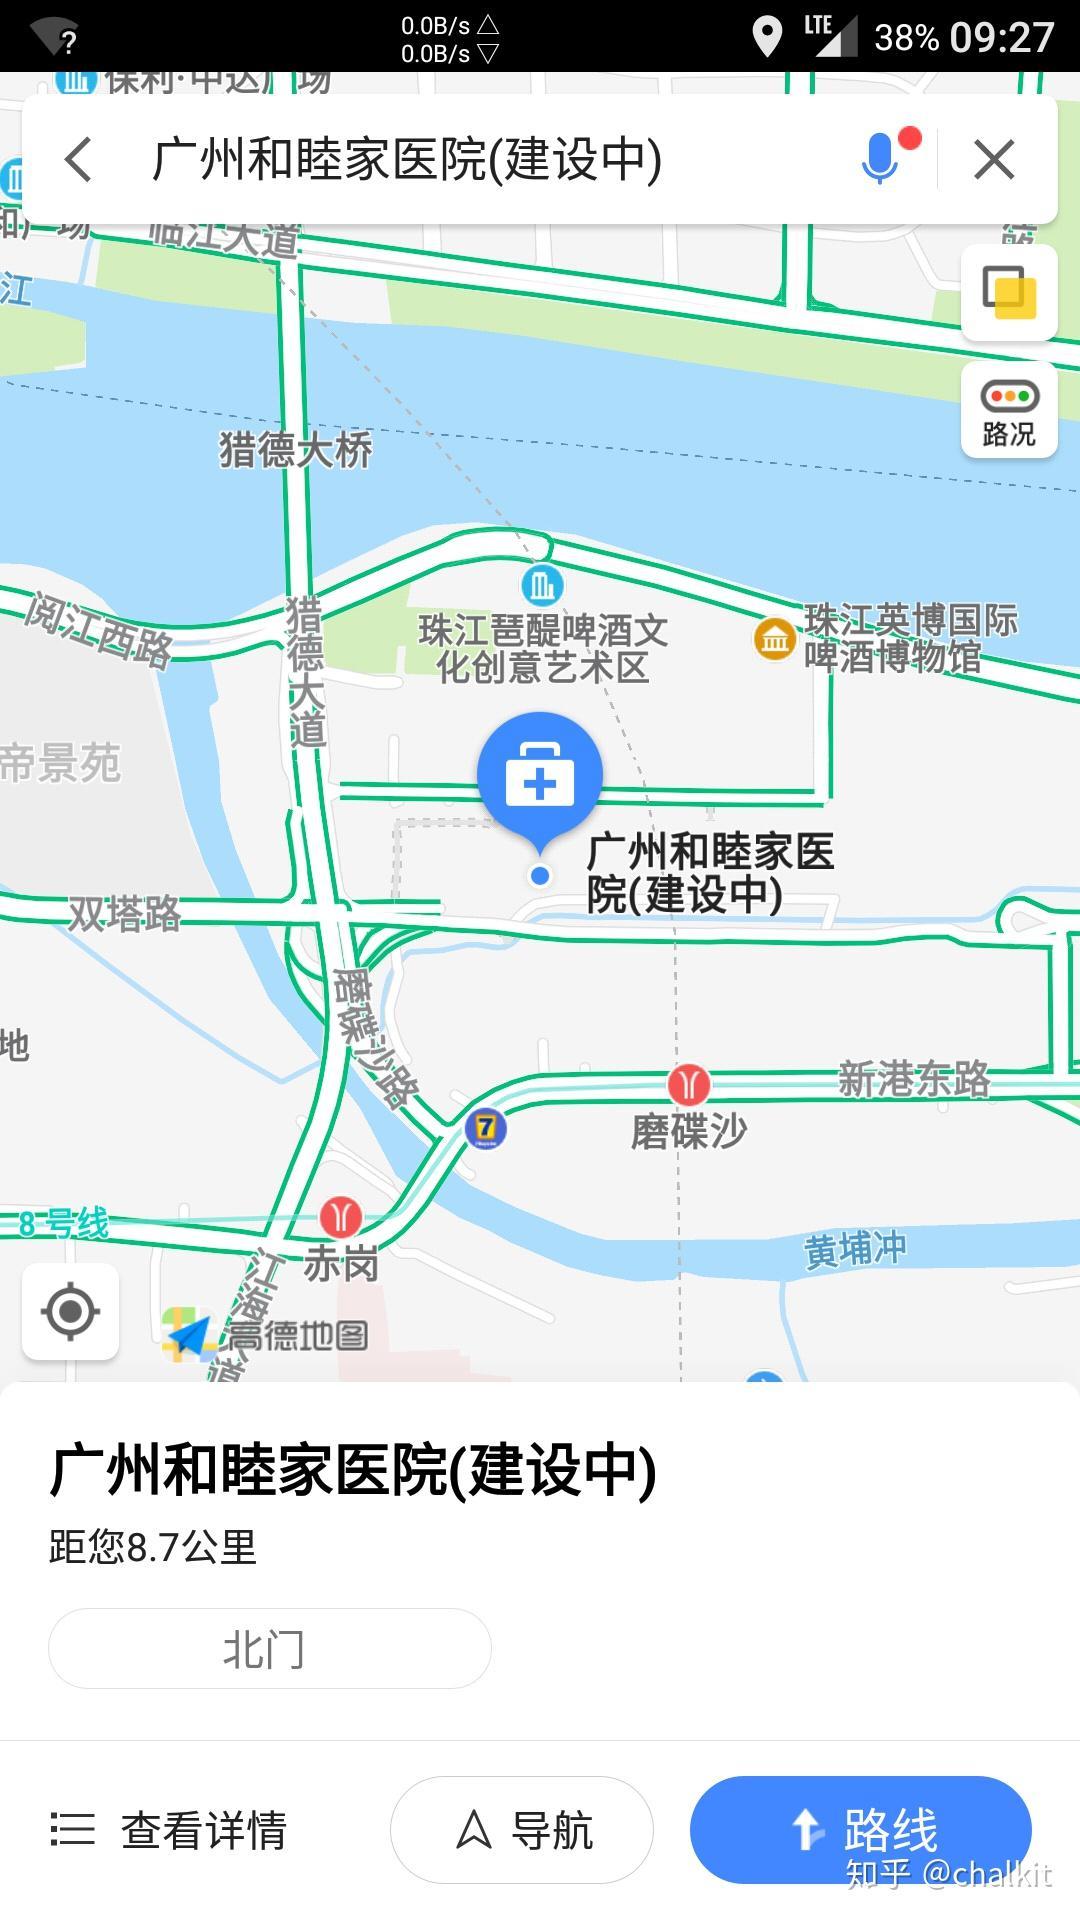 如何看待广州和睦家的收费?